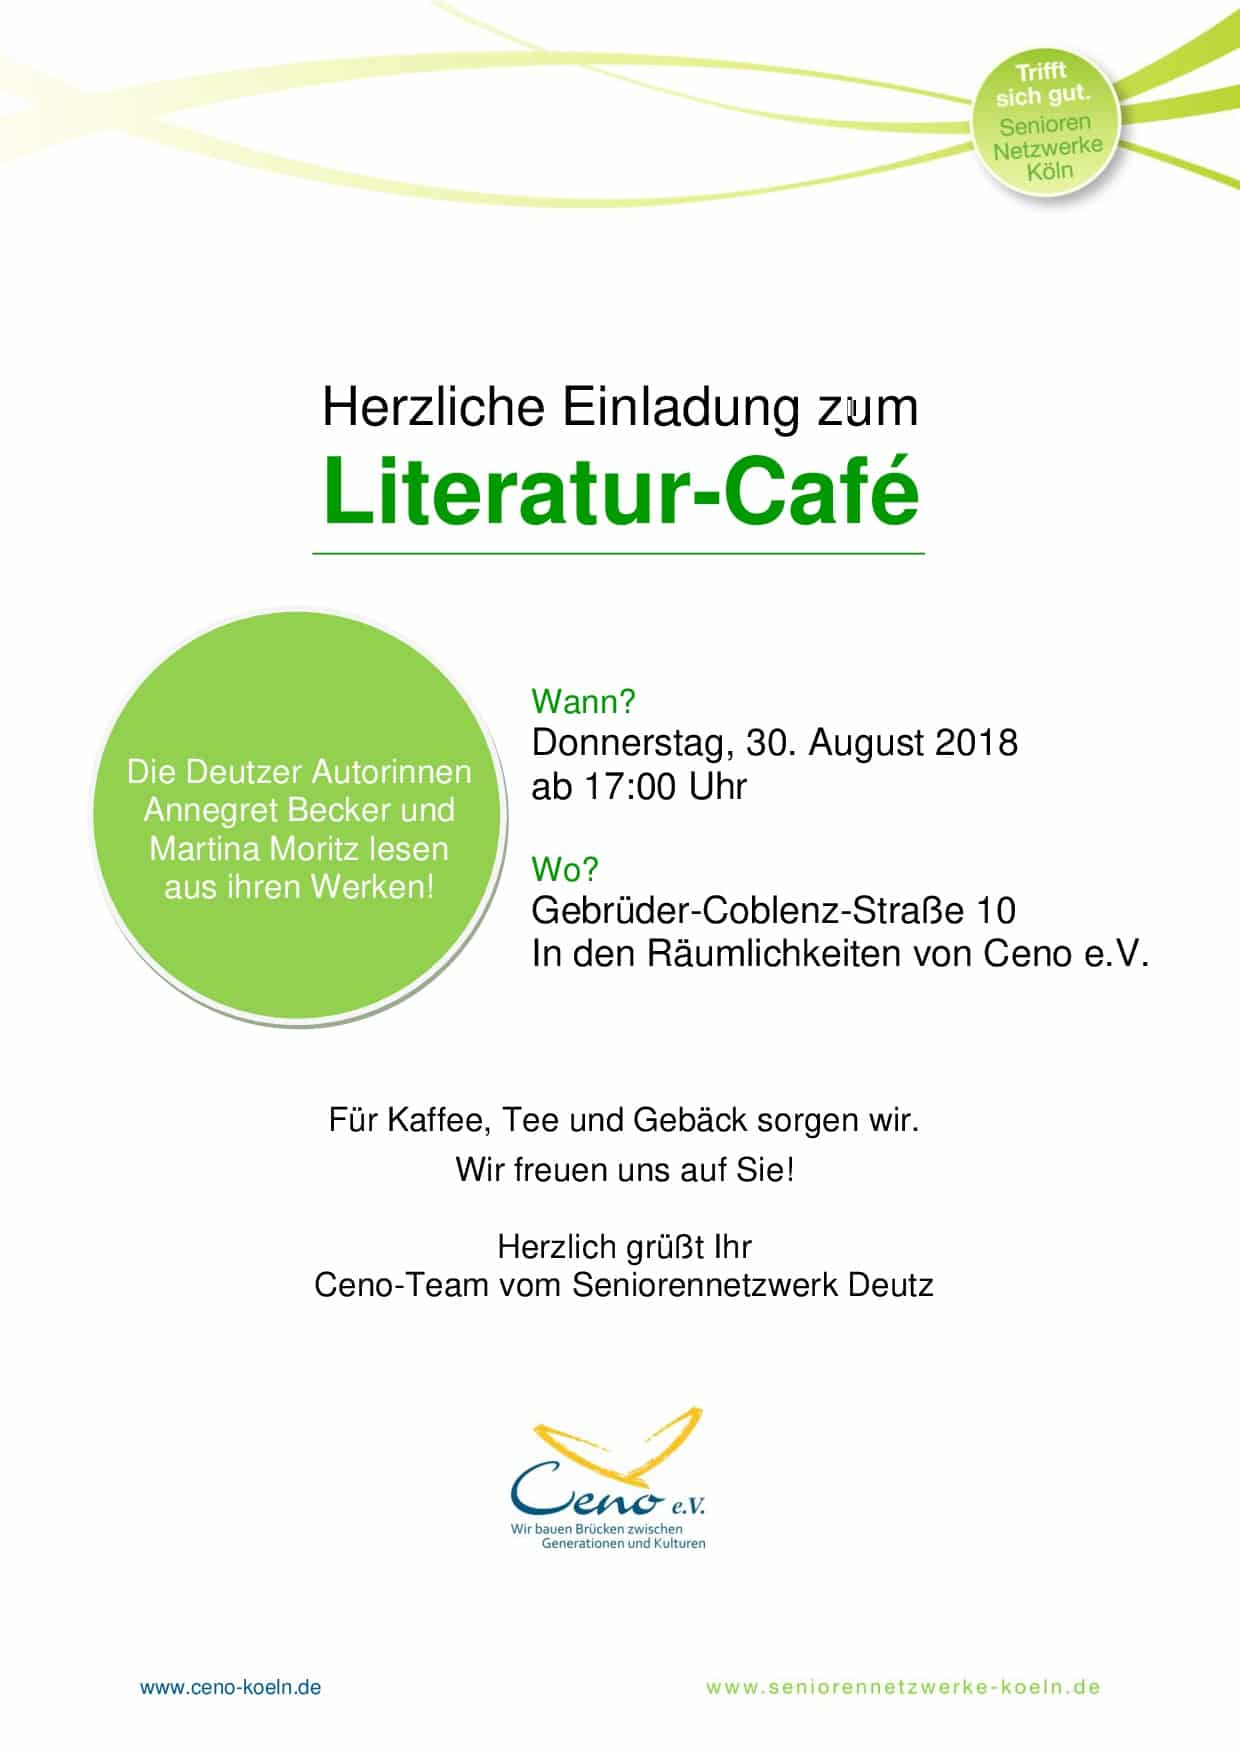 Einladung zum Literatur-Café